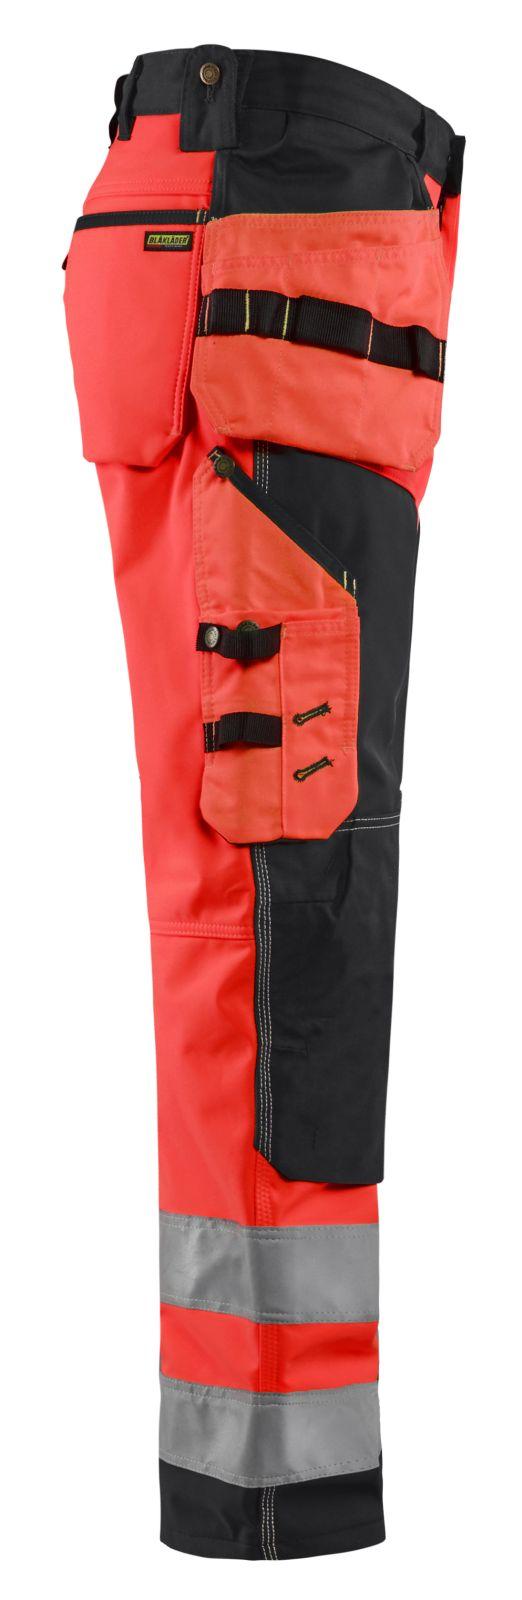 Blaklader Broeken 15672517 High Vis fluo rood-zwart(5599)